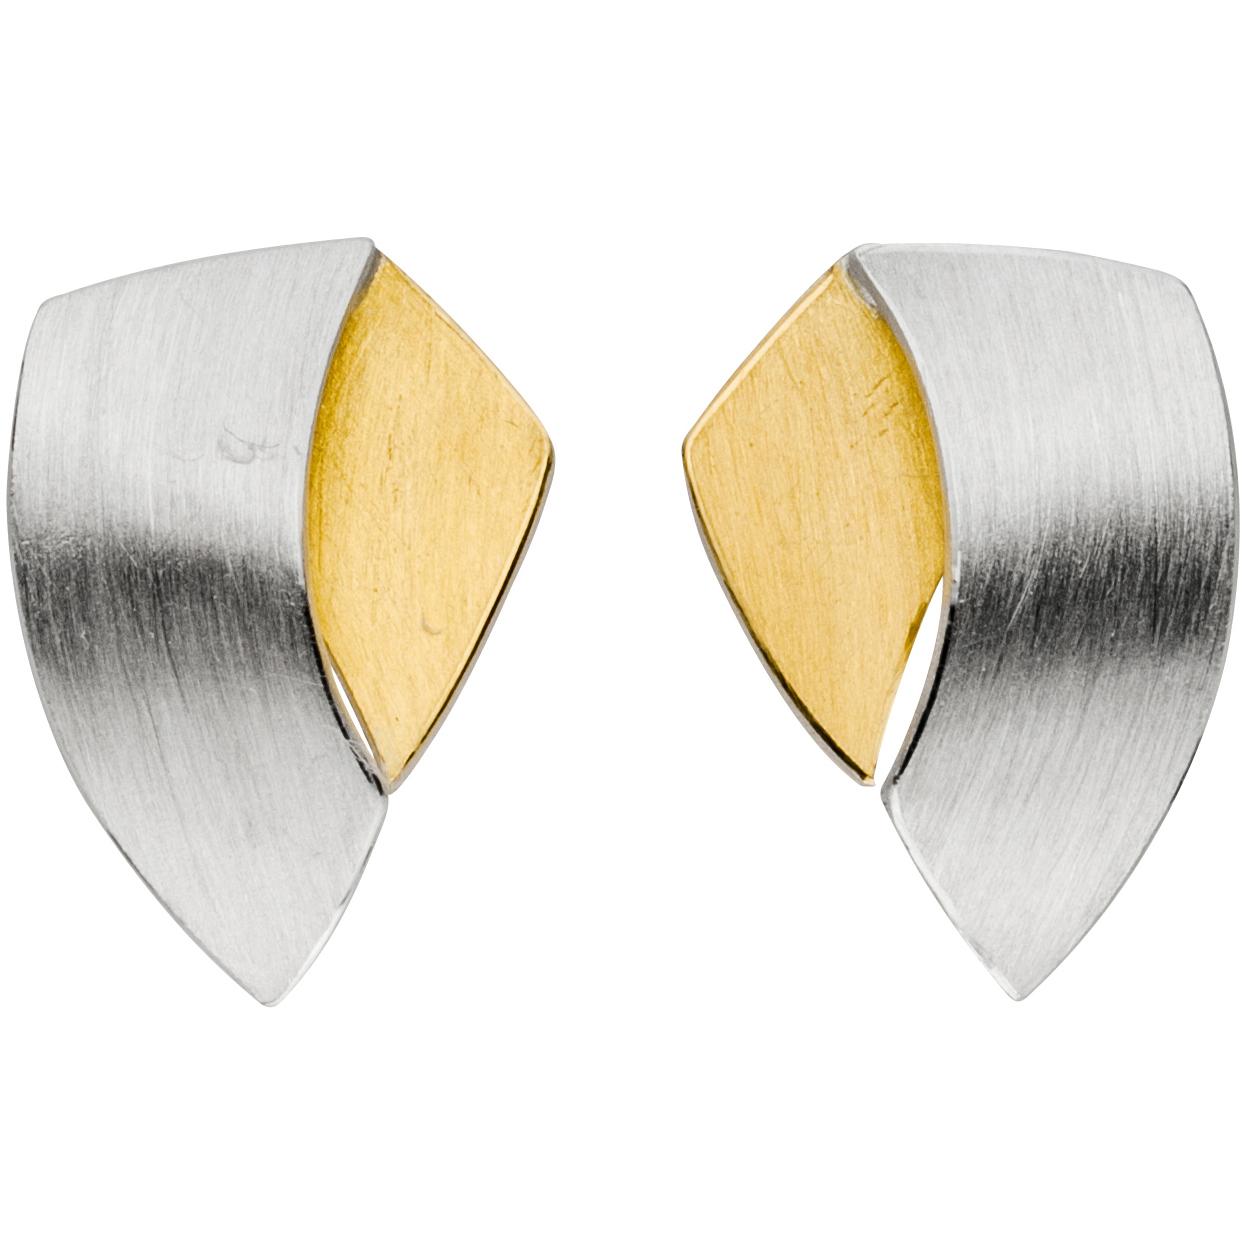 Manu Silver & 22CT Gold Shield Earrings